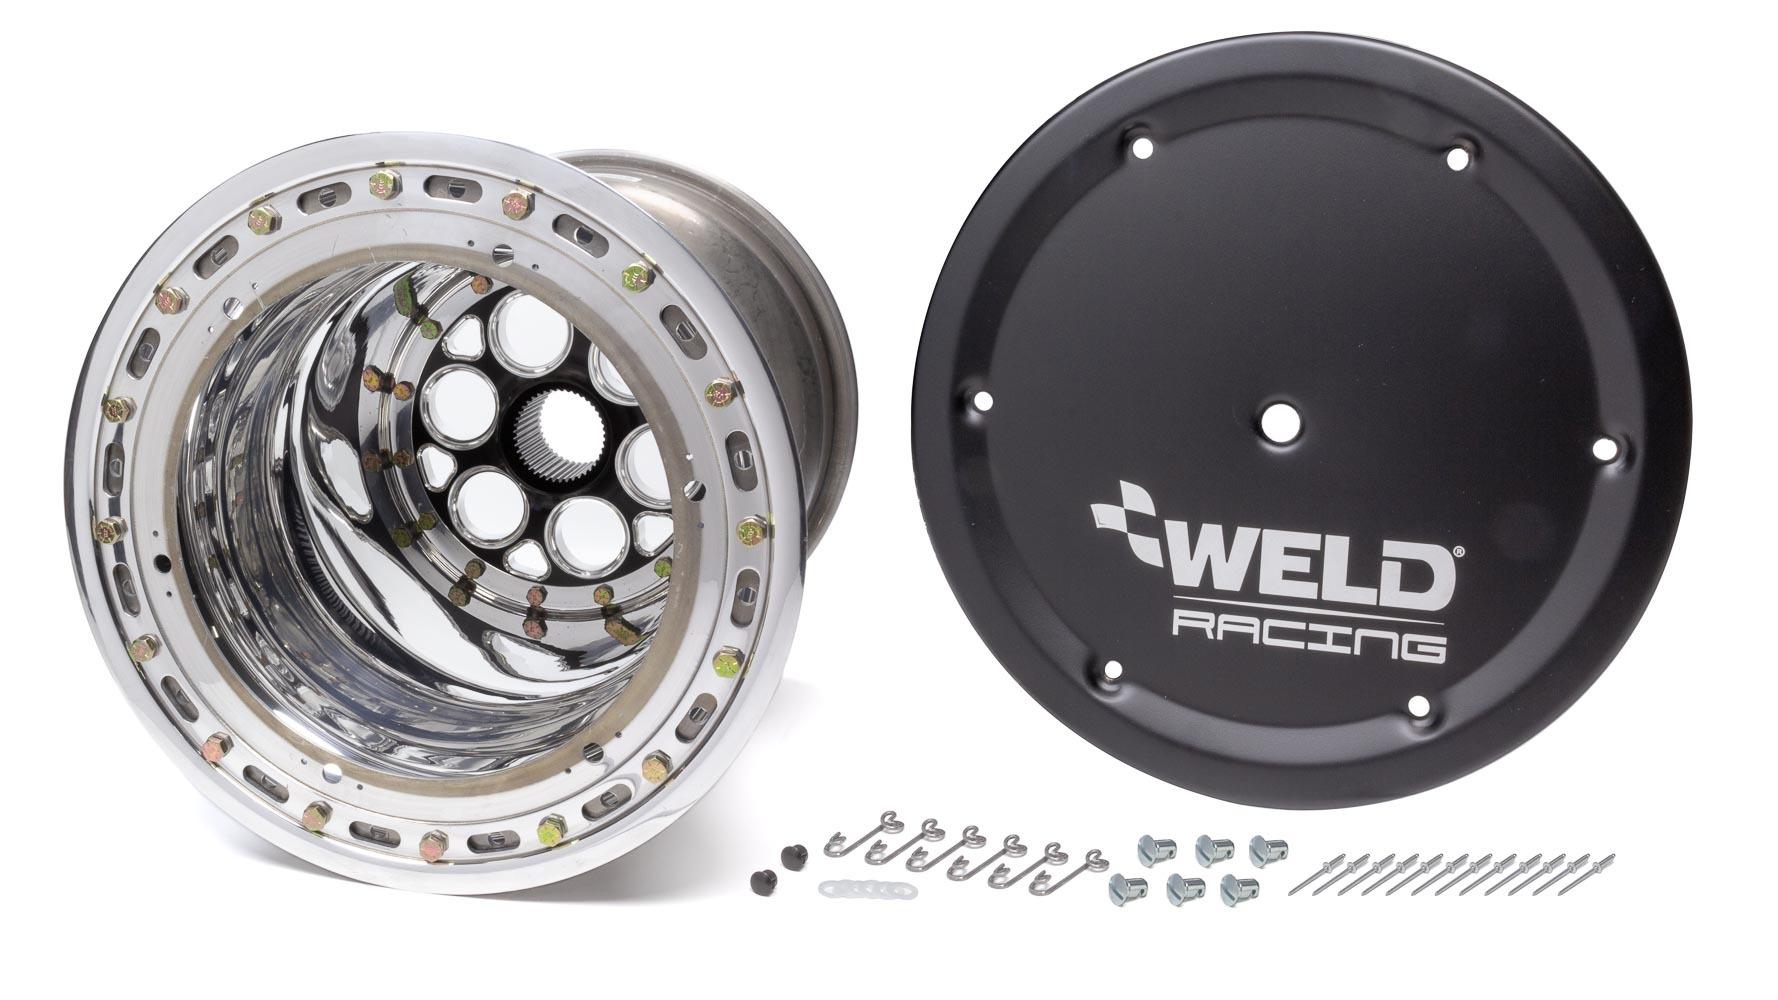 WELD RACING 15x18 42 Spline 4in BS Bead-Loc w/Cover P/N - 735B-51854BC-6